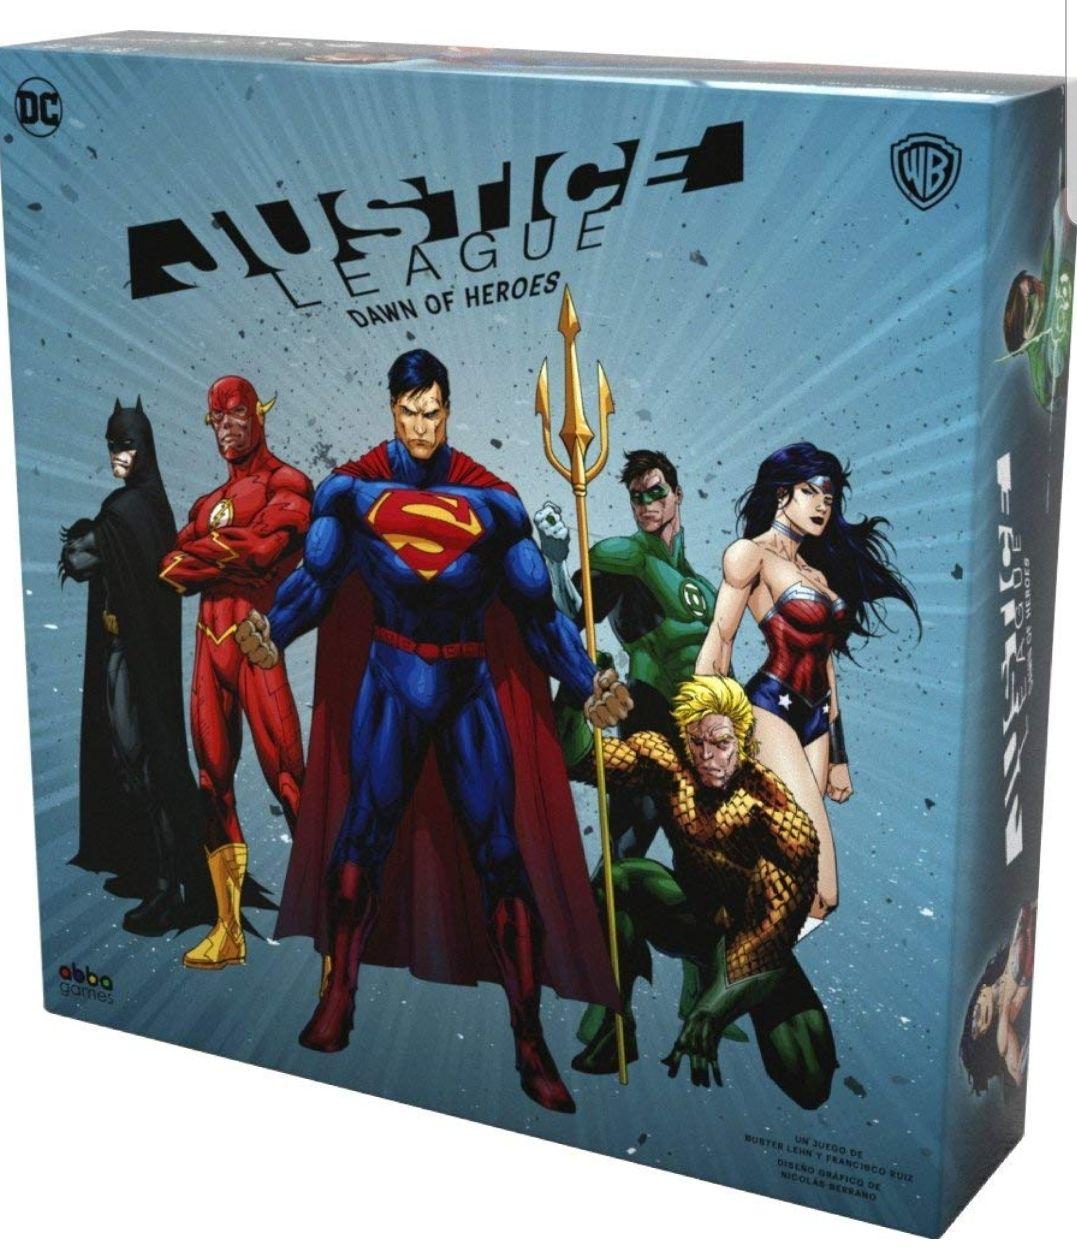 Justice League: Down of heroes (Juego de mesa)